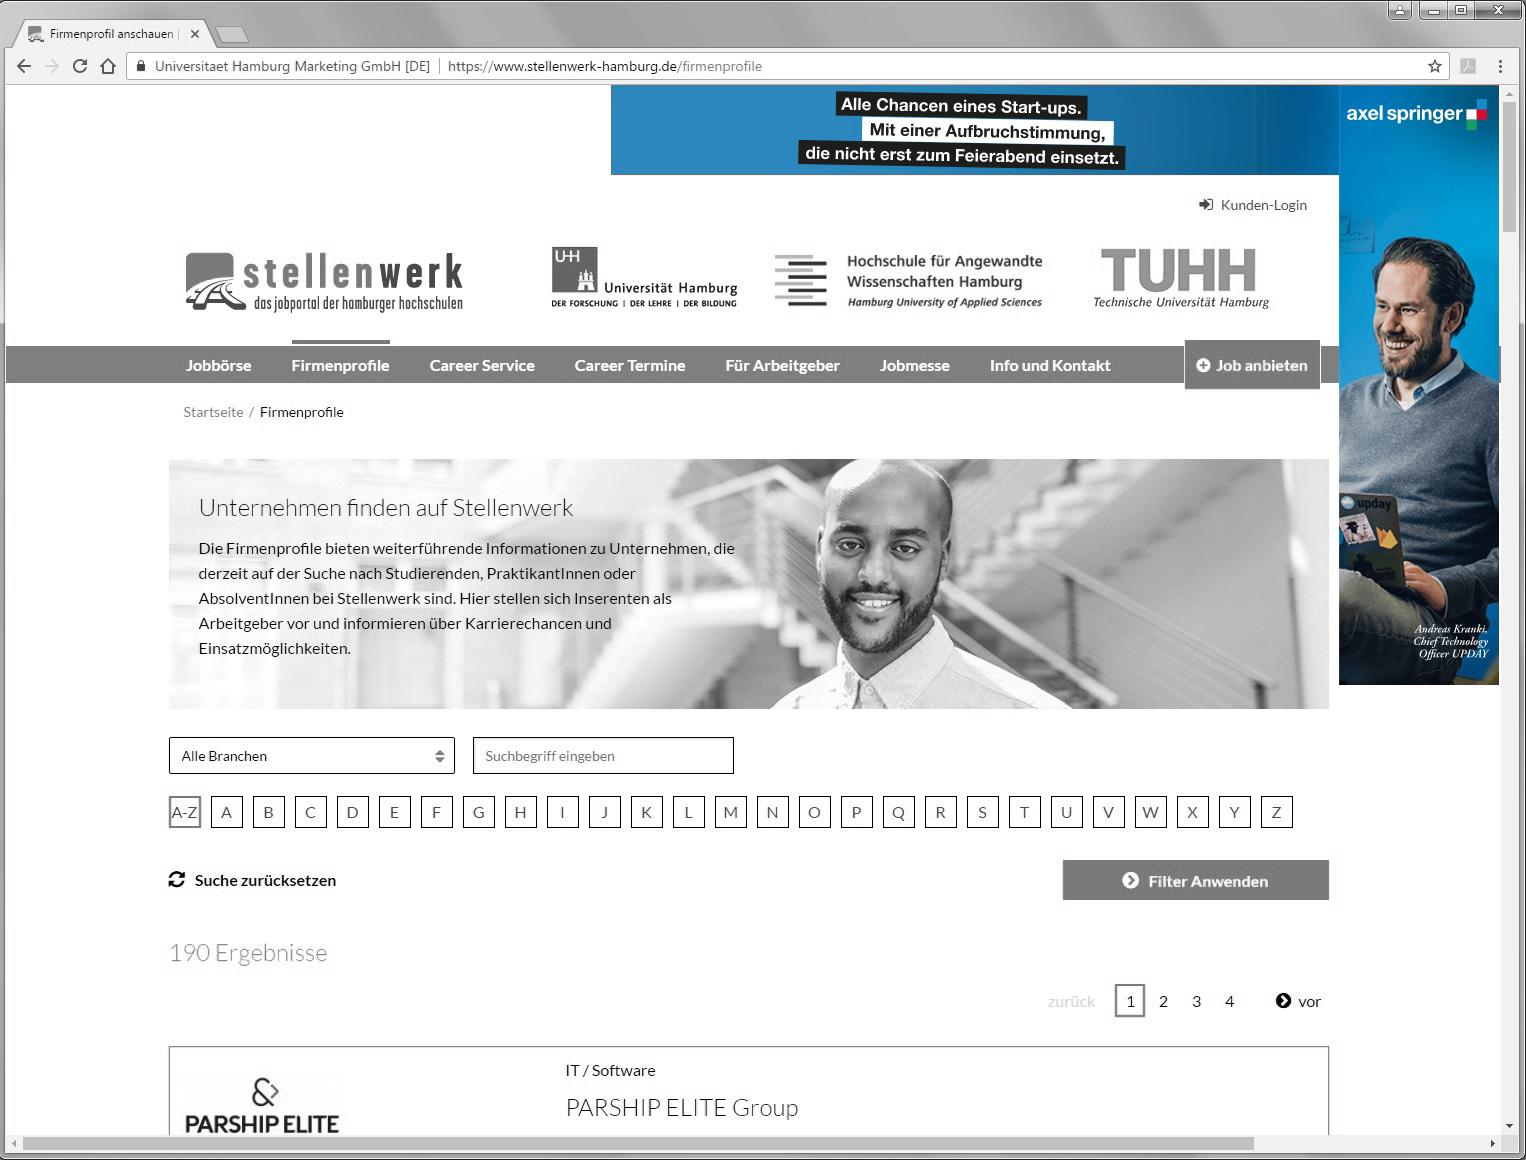 Stellenwerk Hamburg, Wallpaper, Studentenjob, Stellenbörse